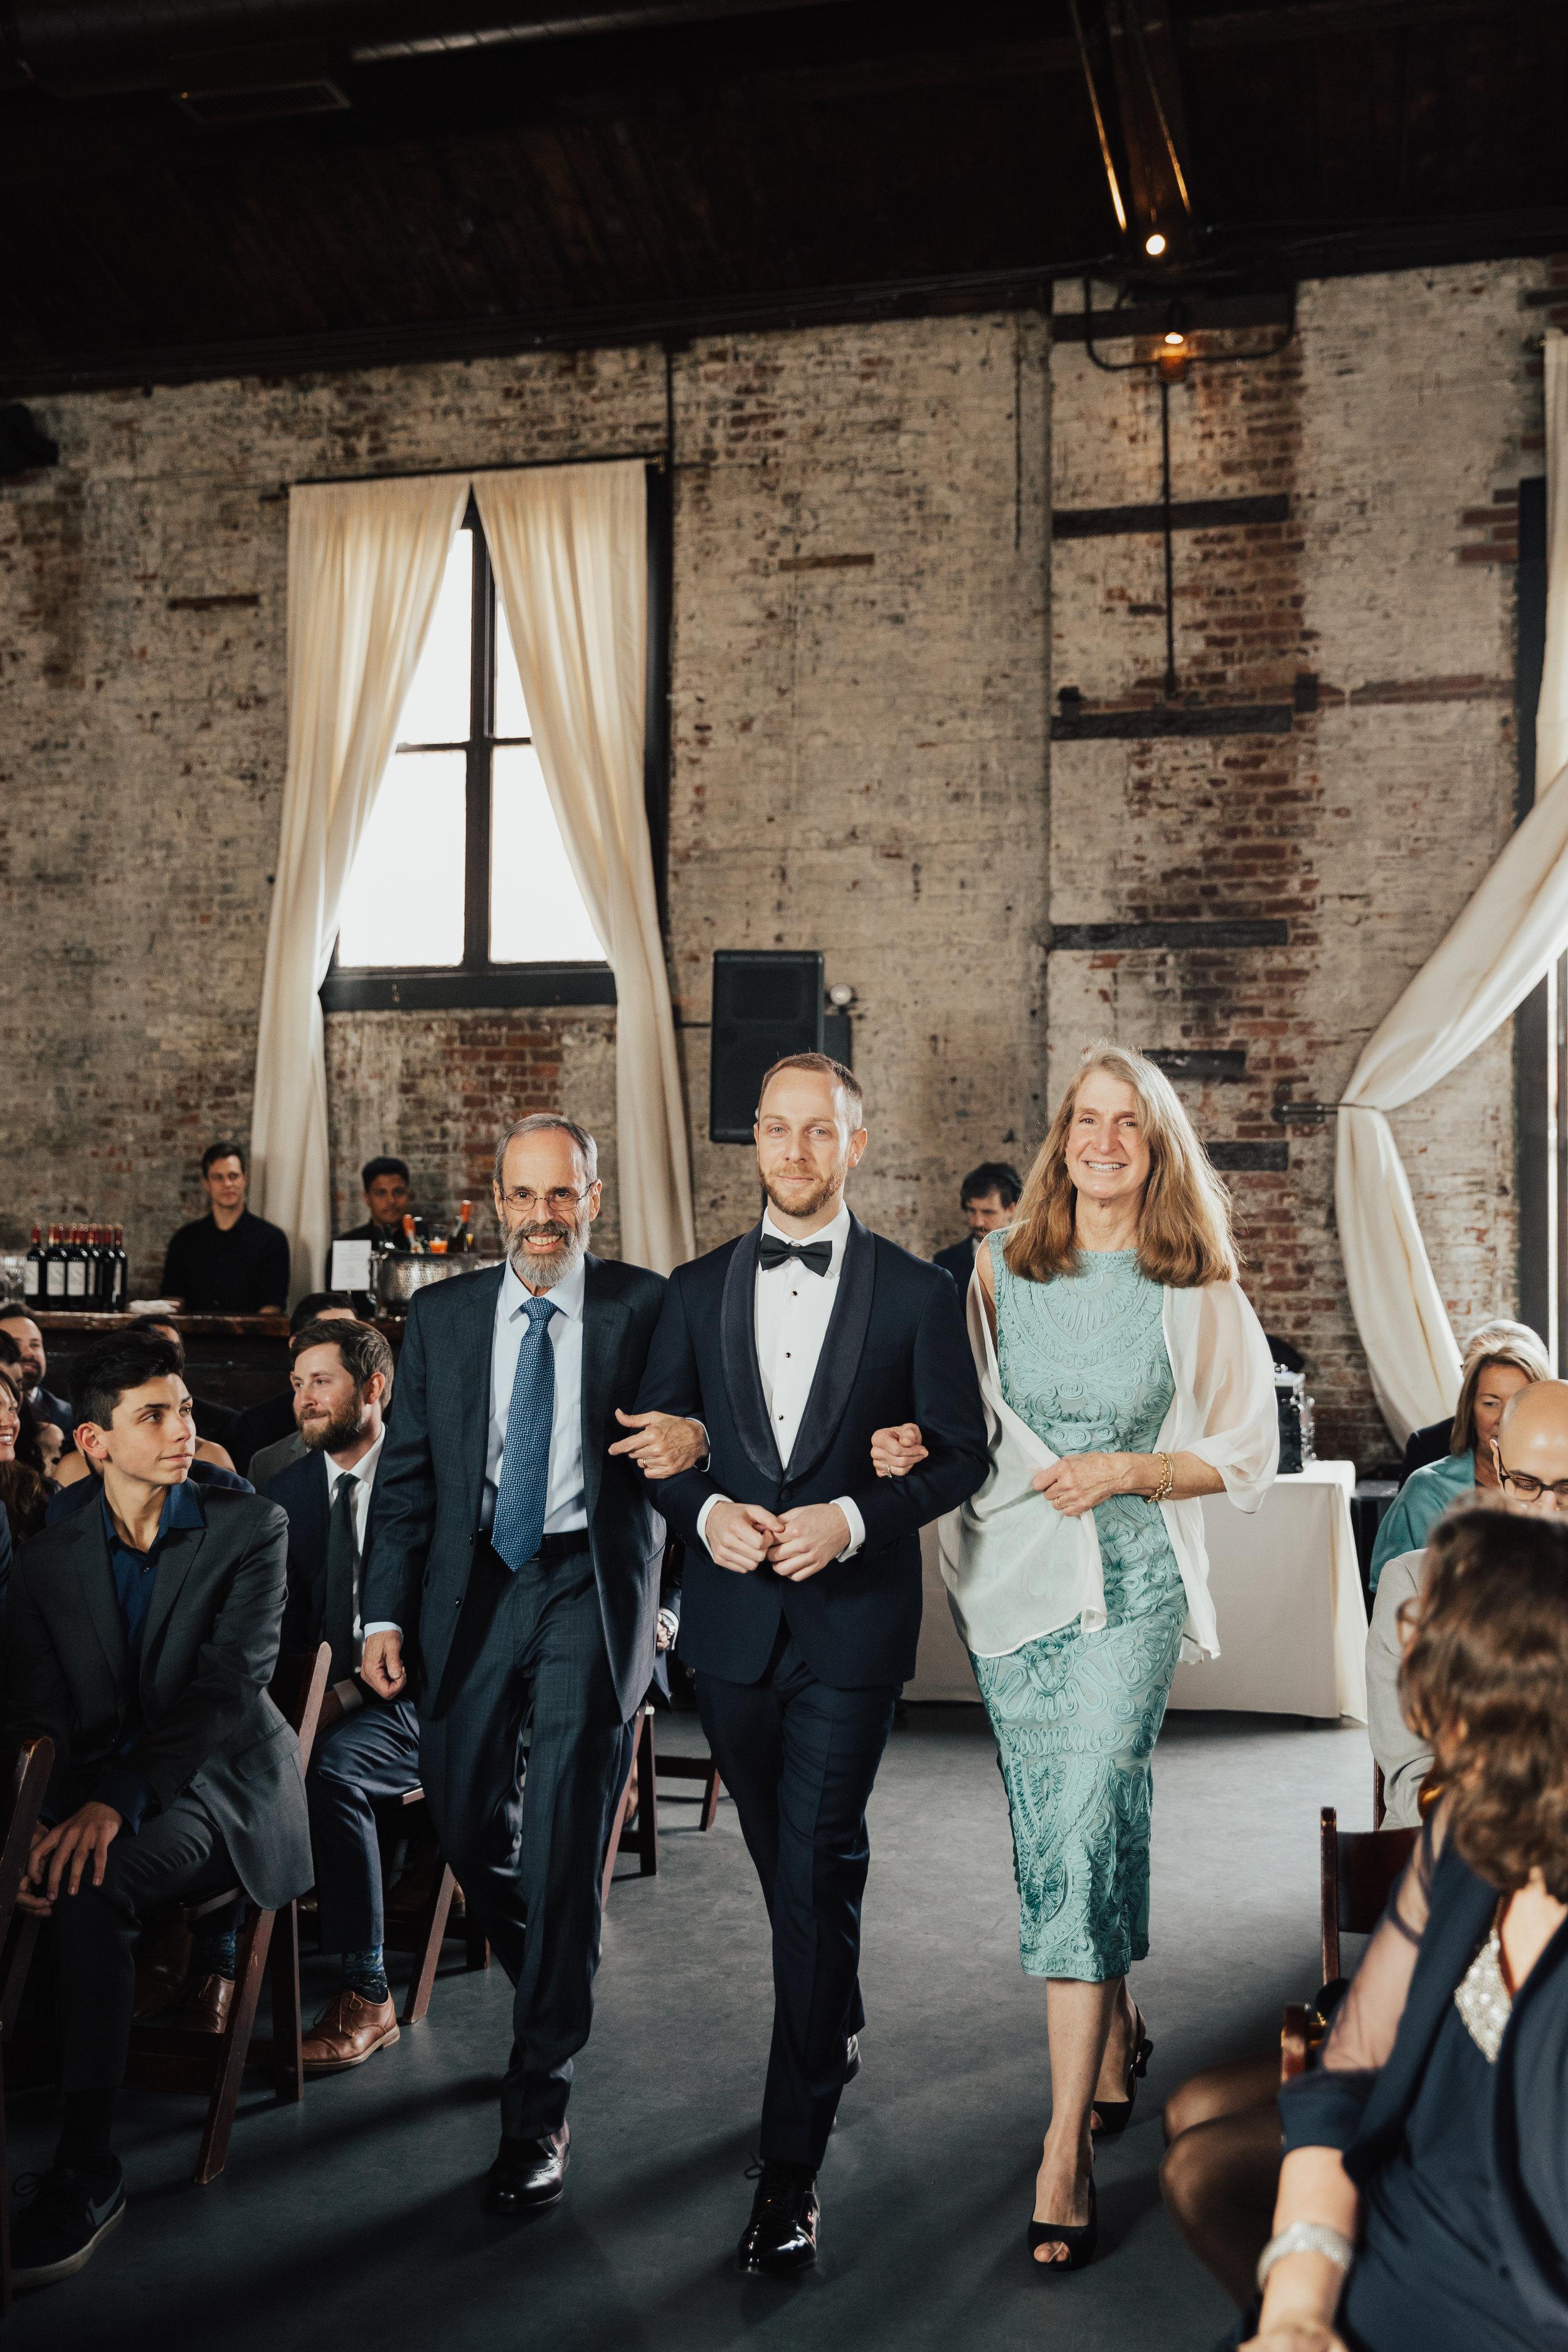 melissa_zach_wedding-116.jpg